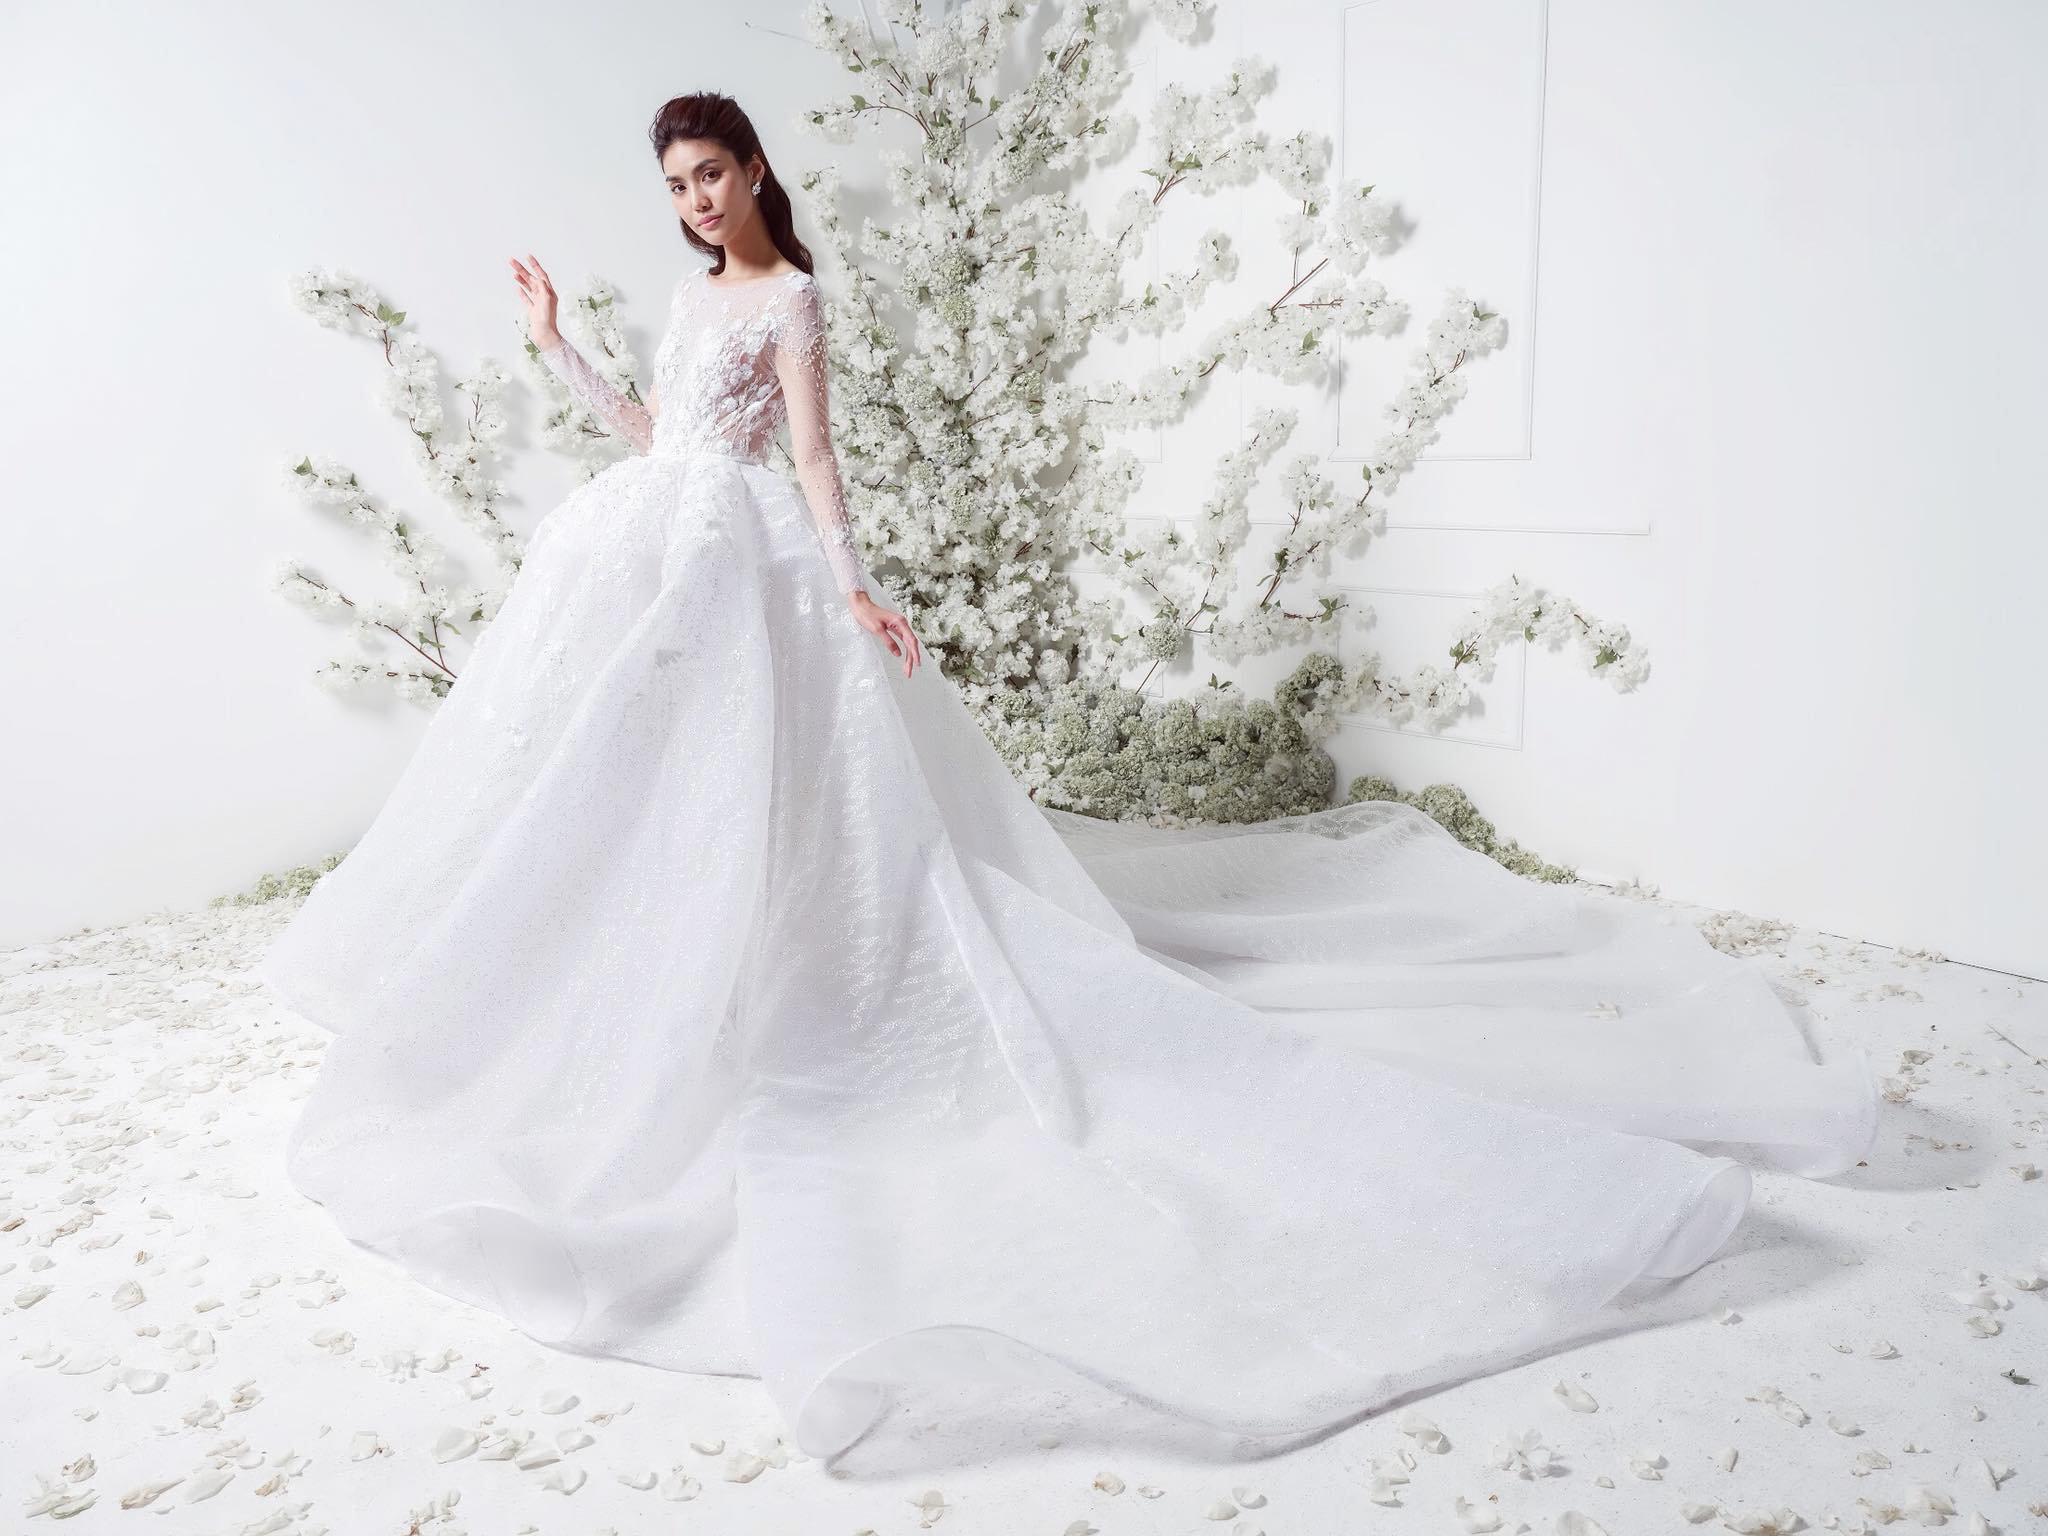 Tại sao nên chọn đầm cưới đơn giản? Marry